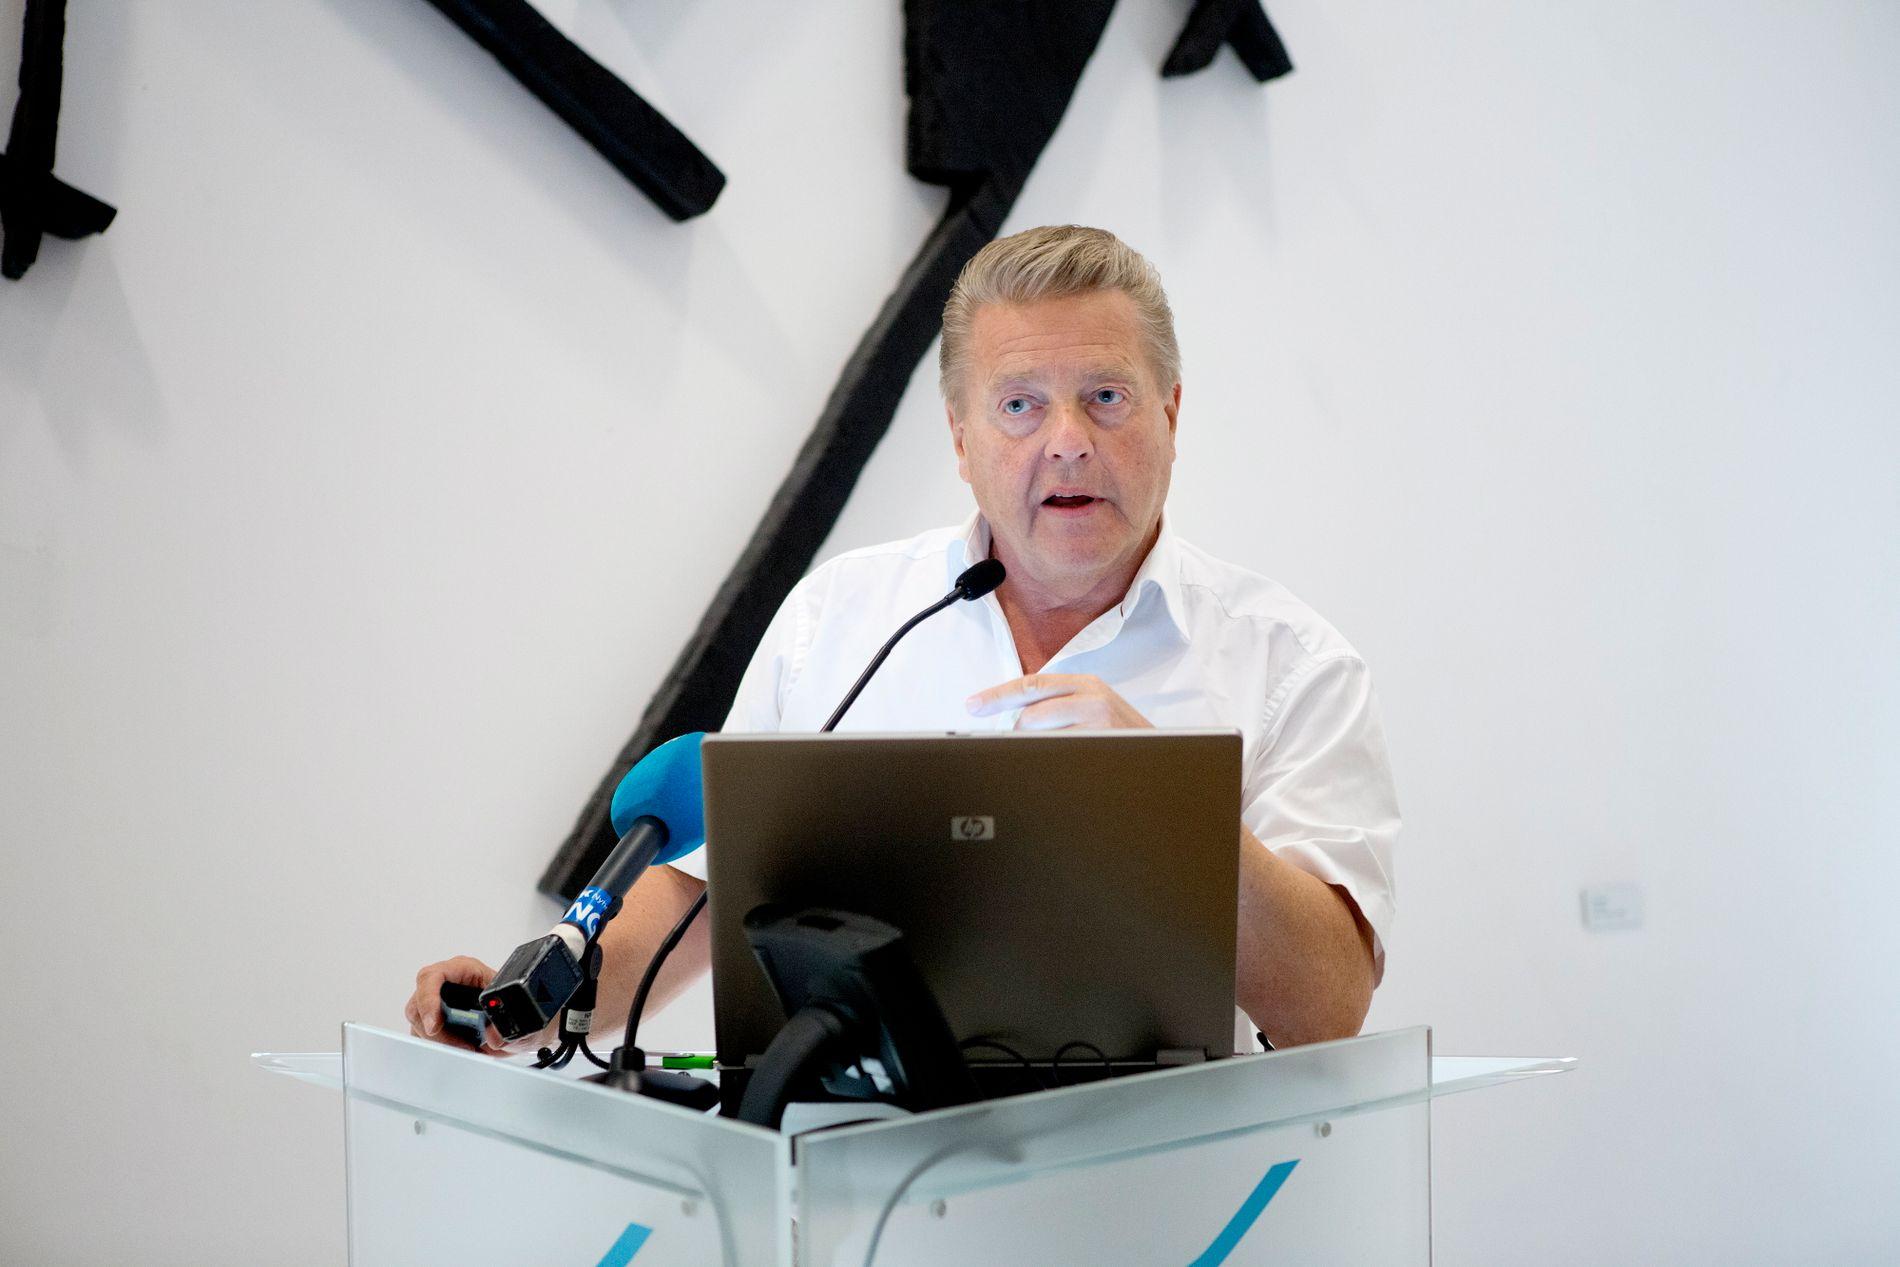 STATUS QUO? Børre Rognlien, president i Norges Idrettsforbund, tror ikke på de store omveltningene for idretten med ny regjering.